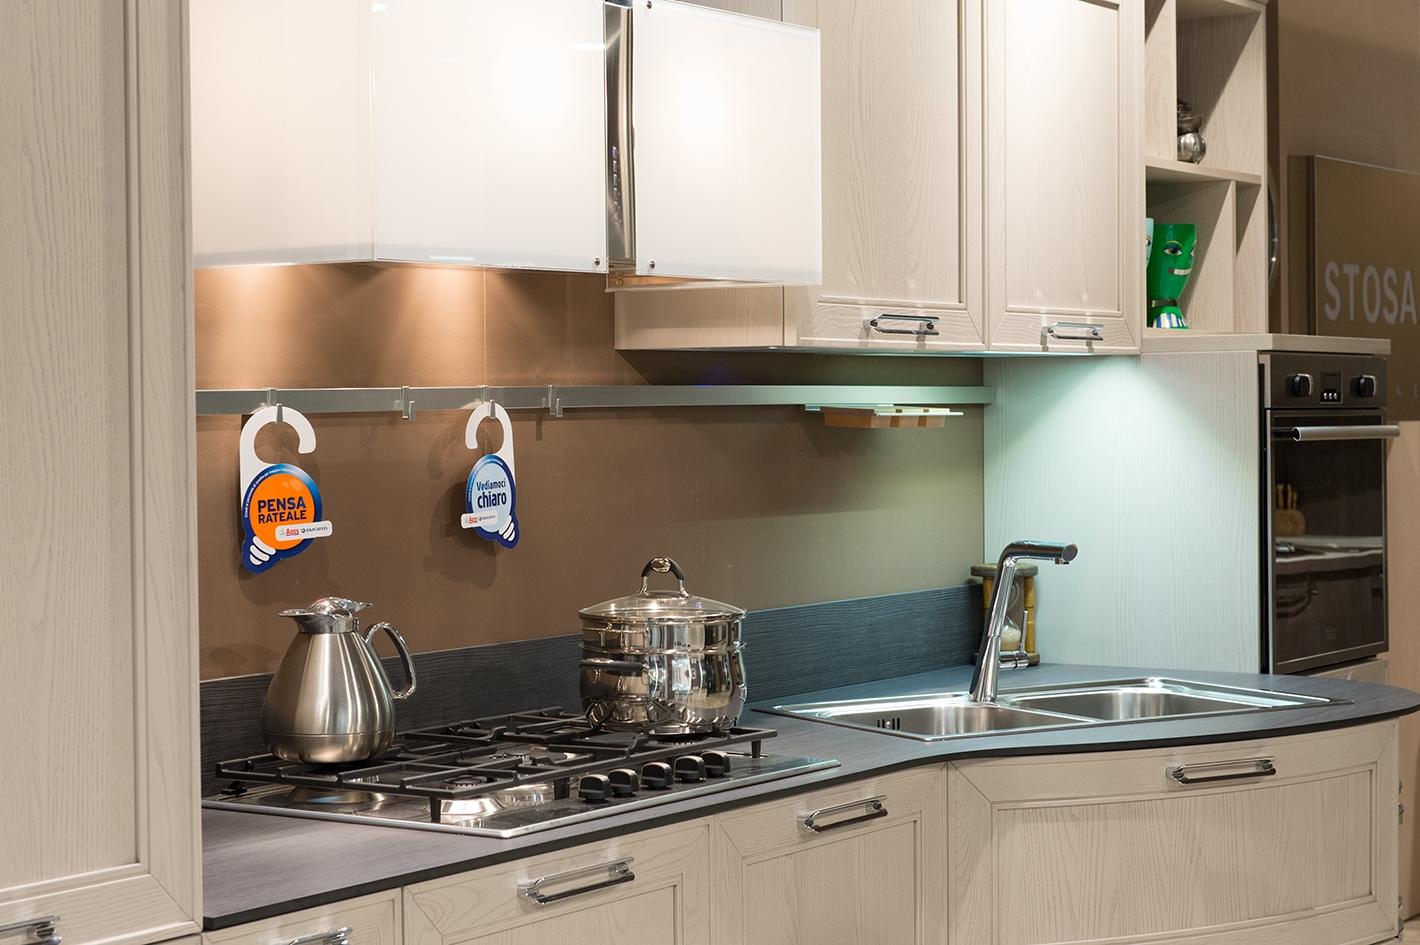 Cucina stosa maxim in offerta 22238 cucine a prezzi scontati for Cucine in offerta